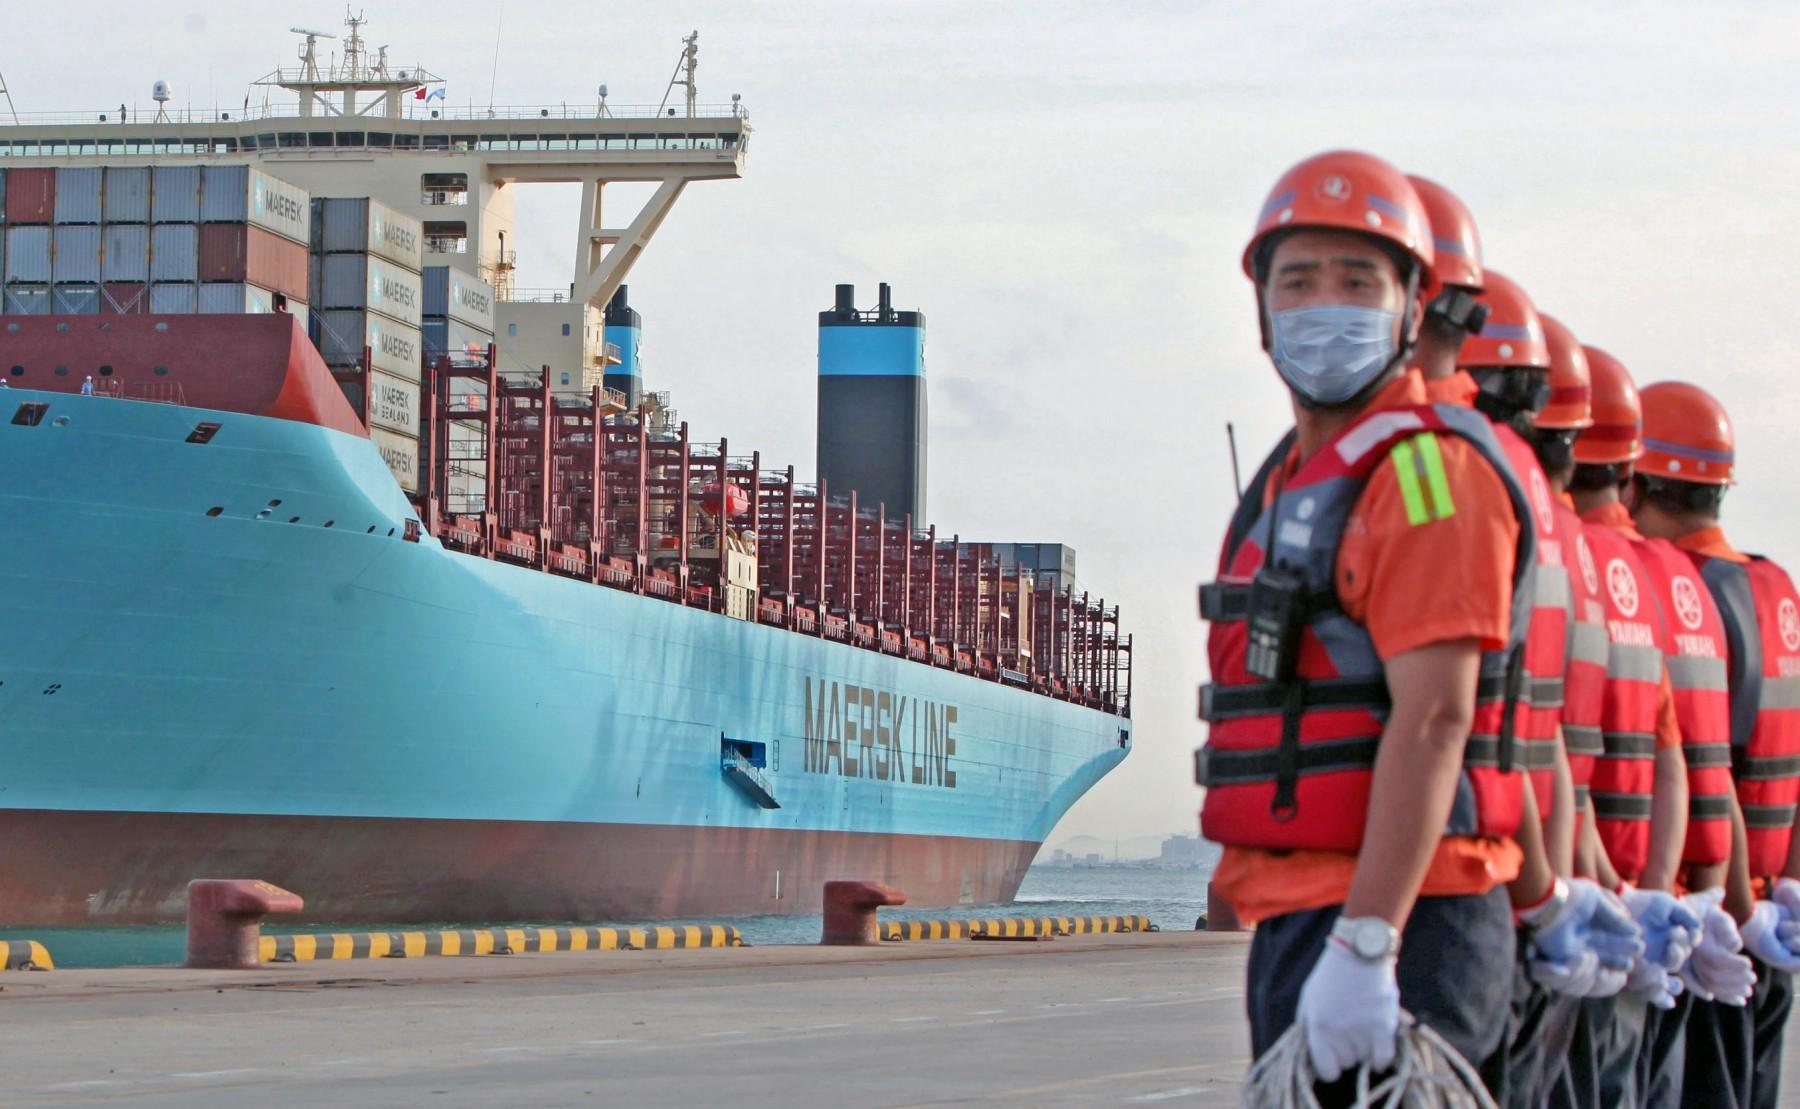 Θετικά στον Covid-19 μέλη πληρώματος containership στην Κίνα